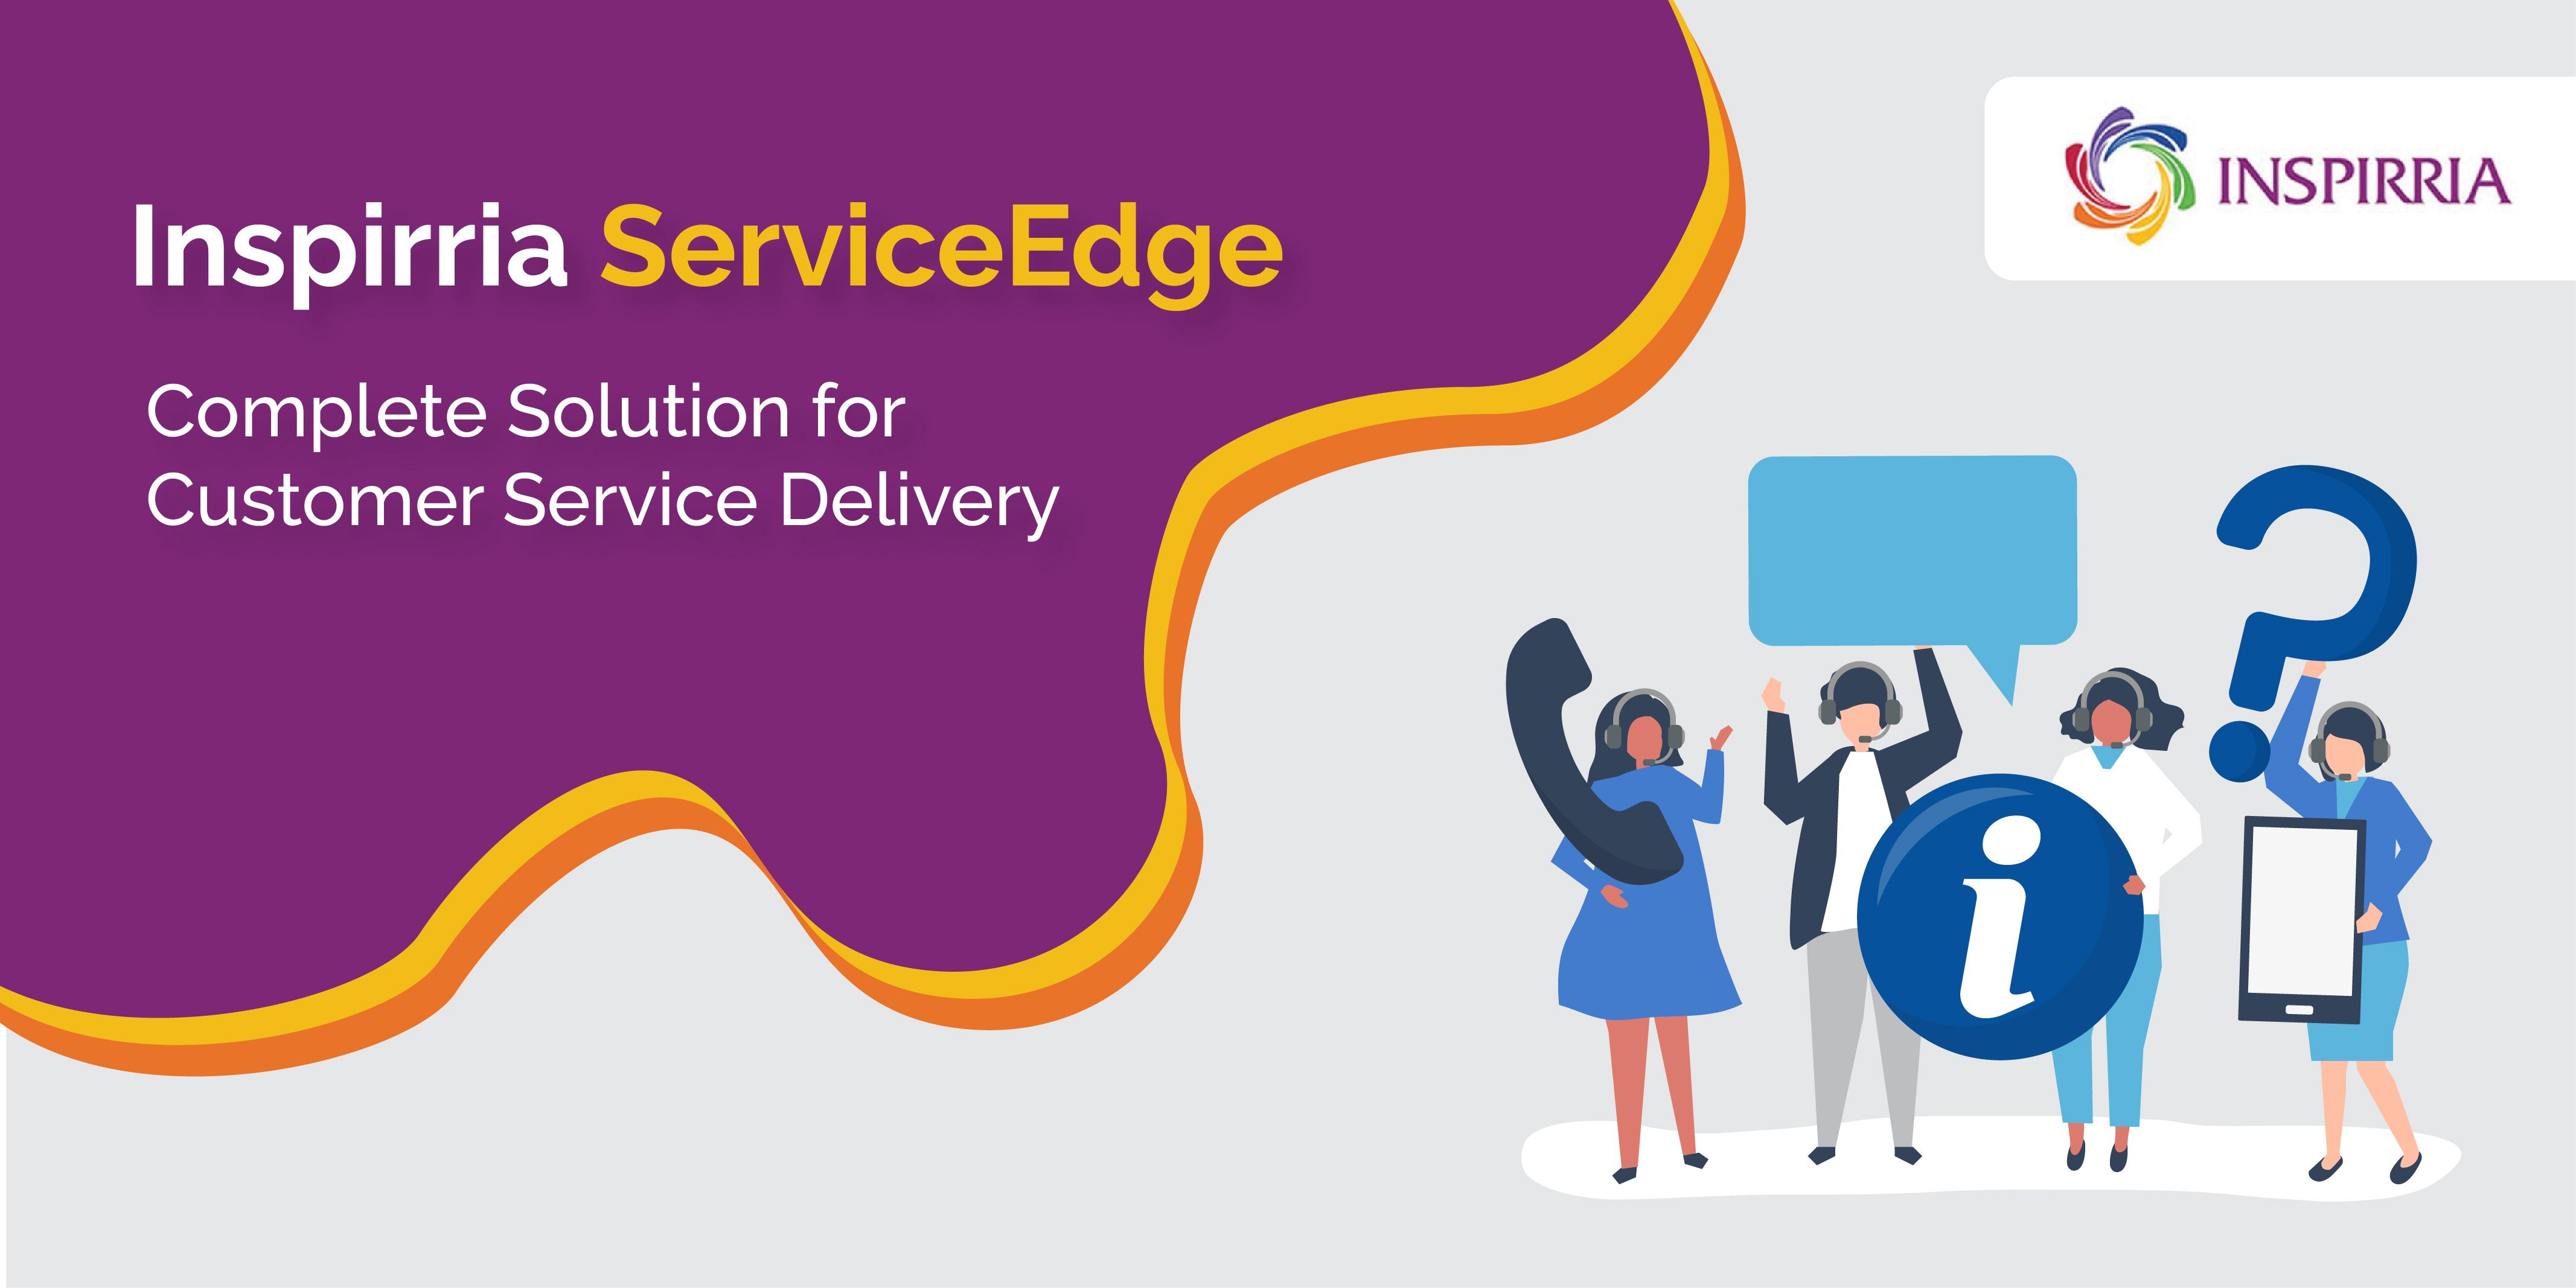 NetSuite Suiteapp for Service Management